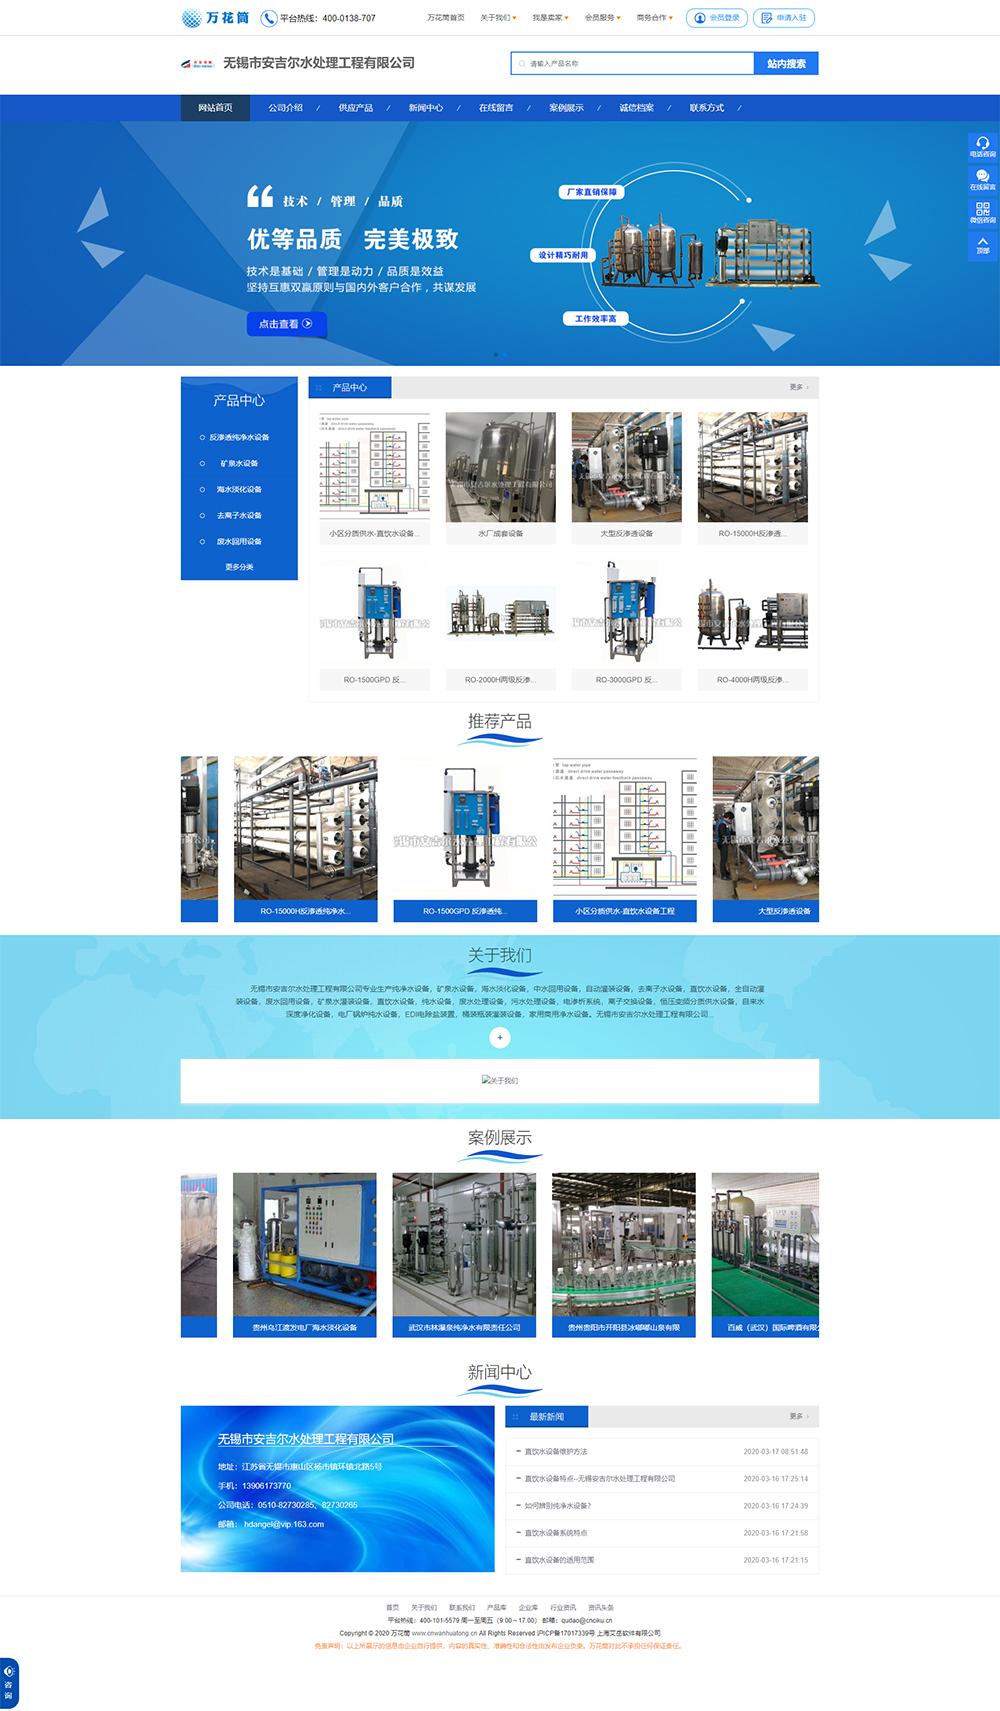 首頁_無錫市安吉爾水處理工程有限公司_萬花筒 拷貝.jpg